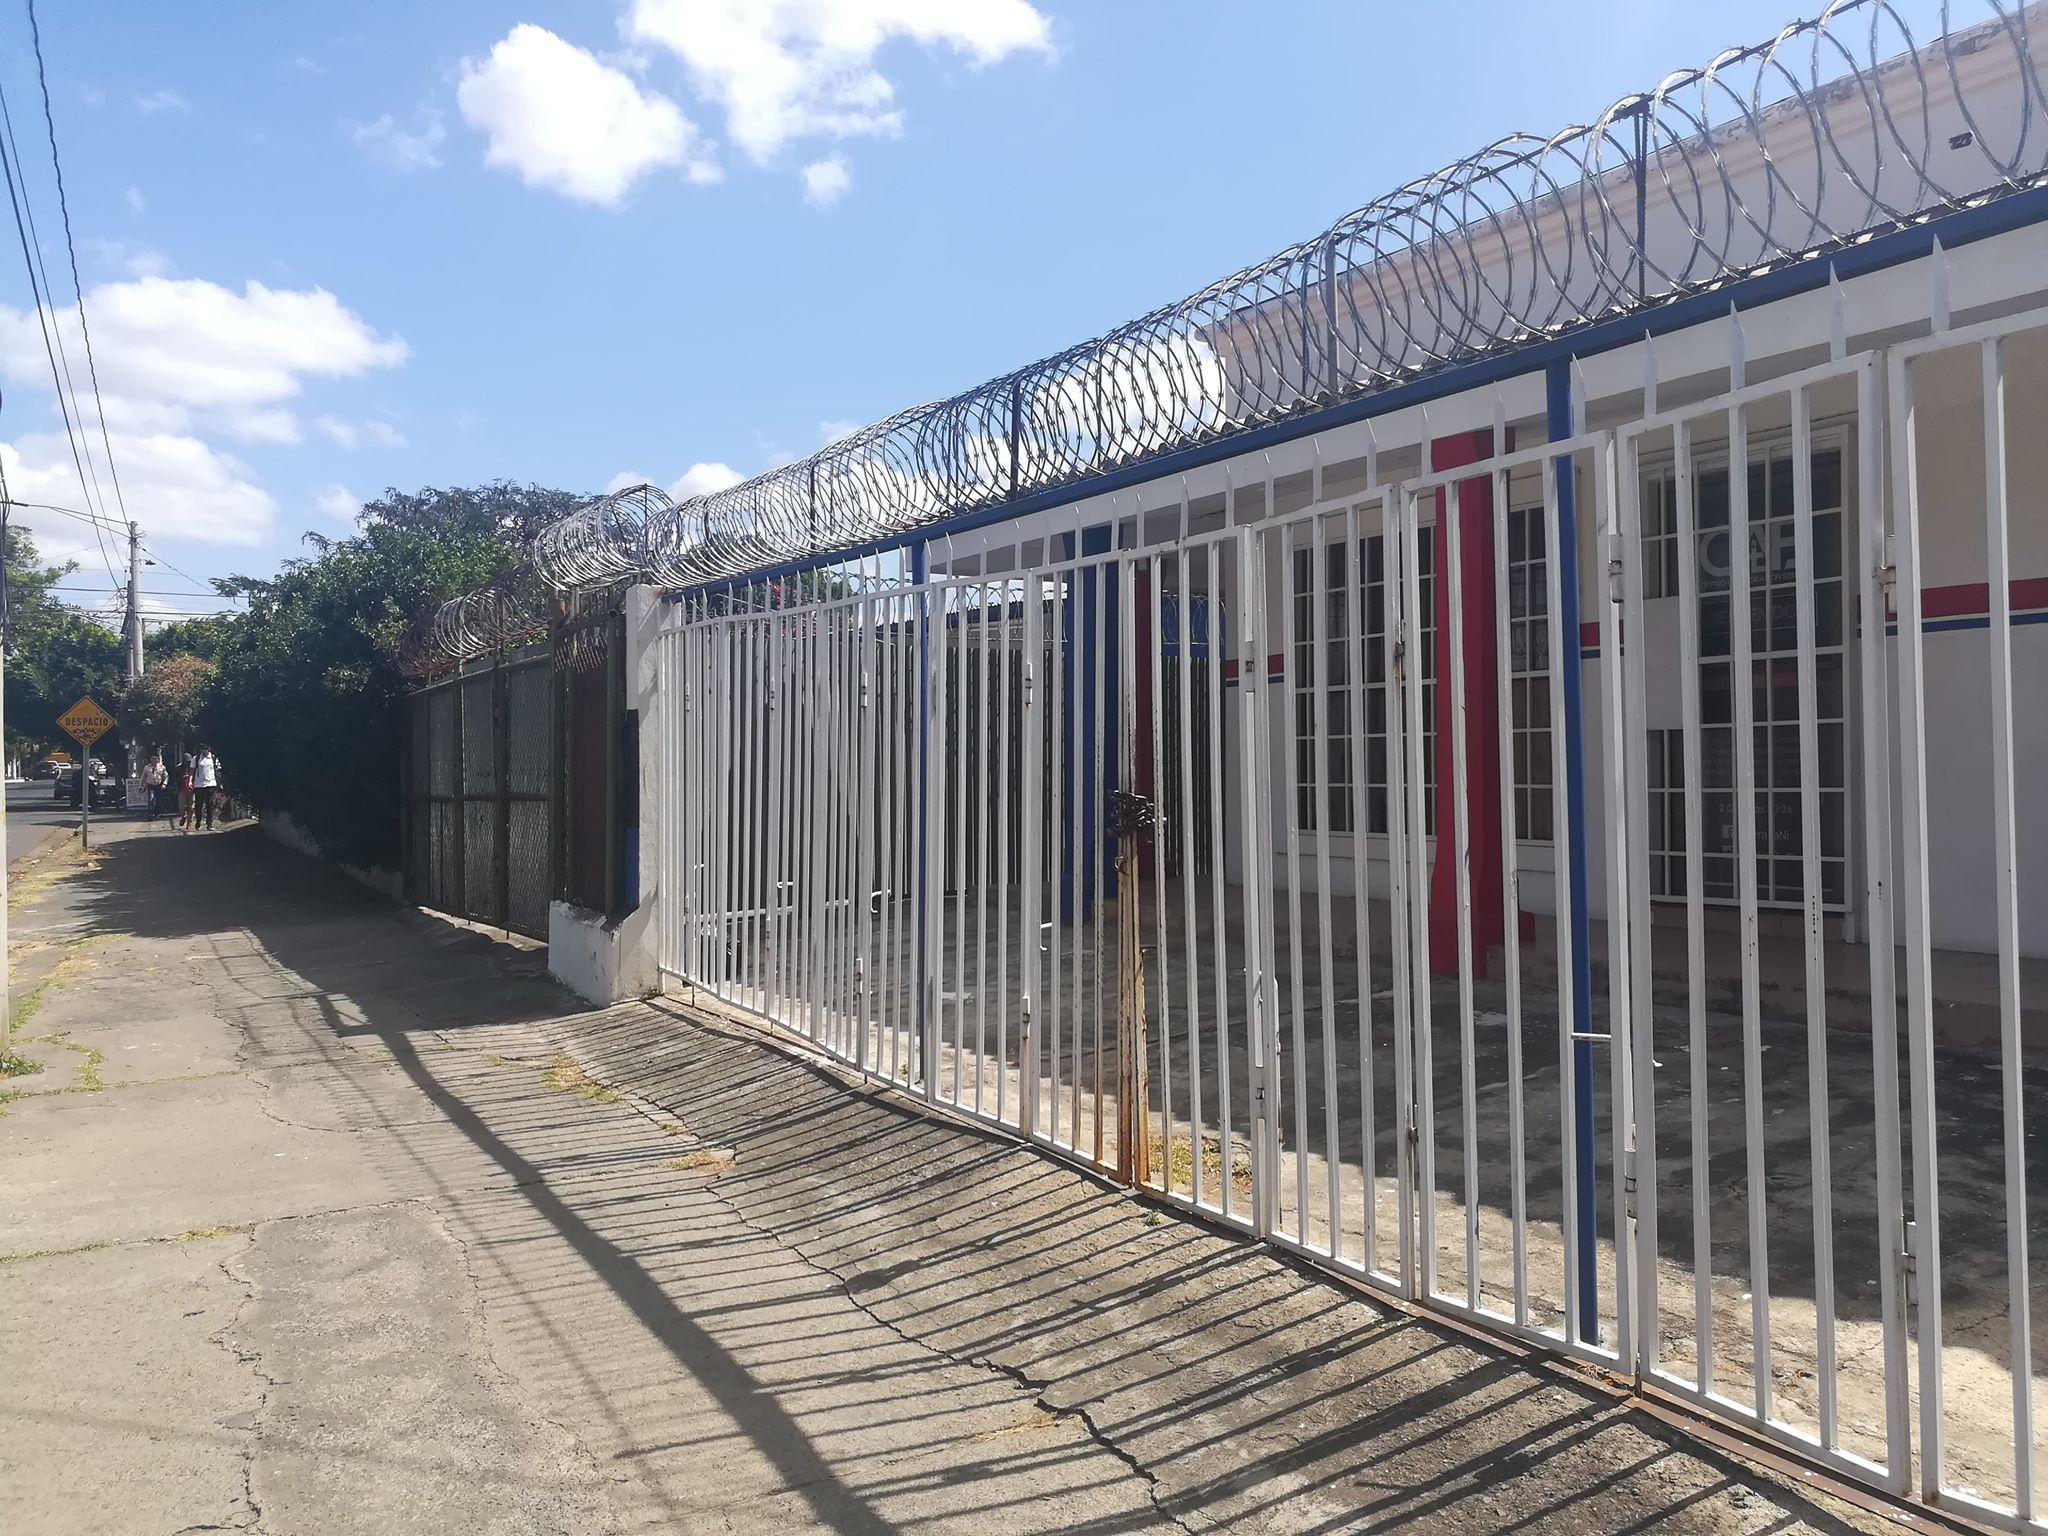 monseñor-lezcano-kmc-bienes-raices-13736543 (16)